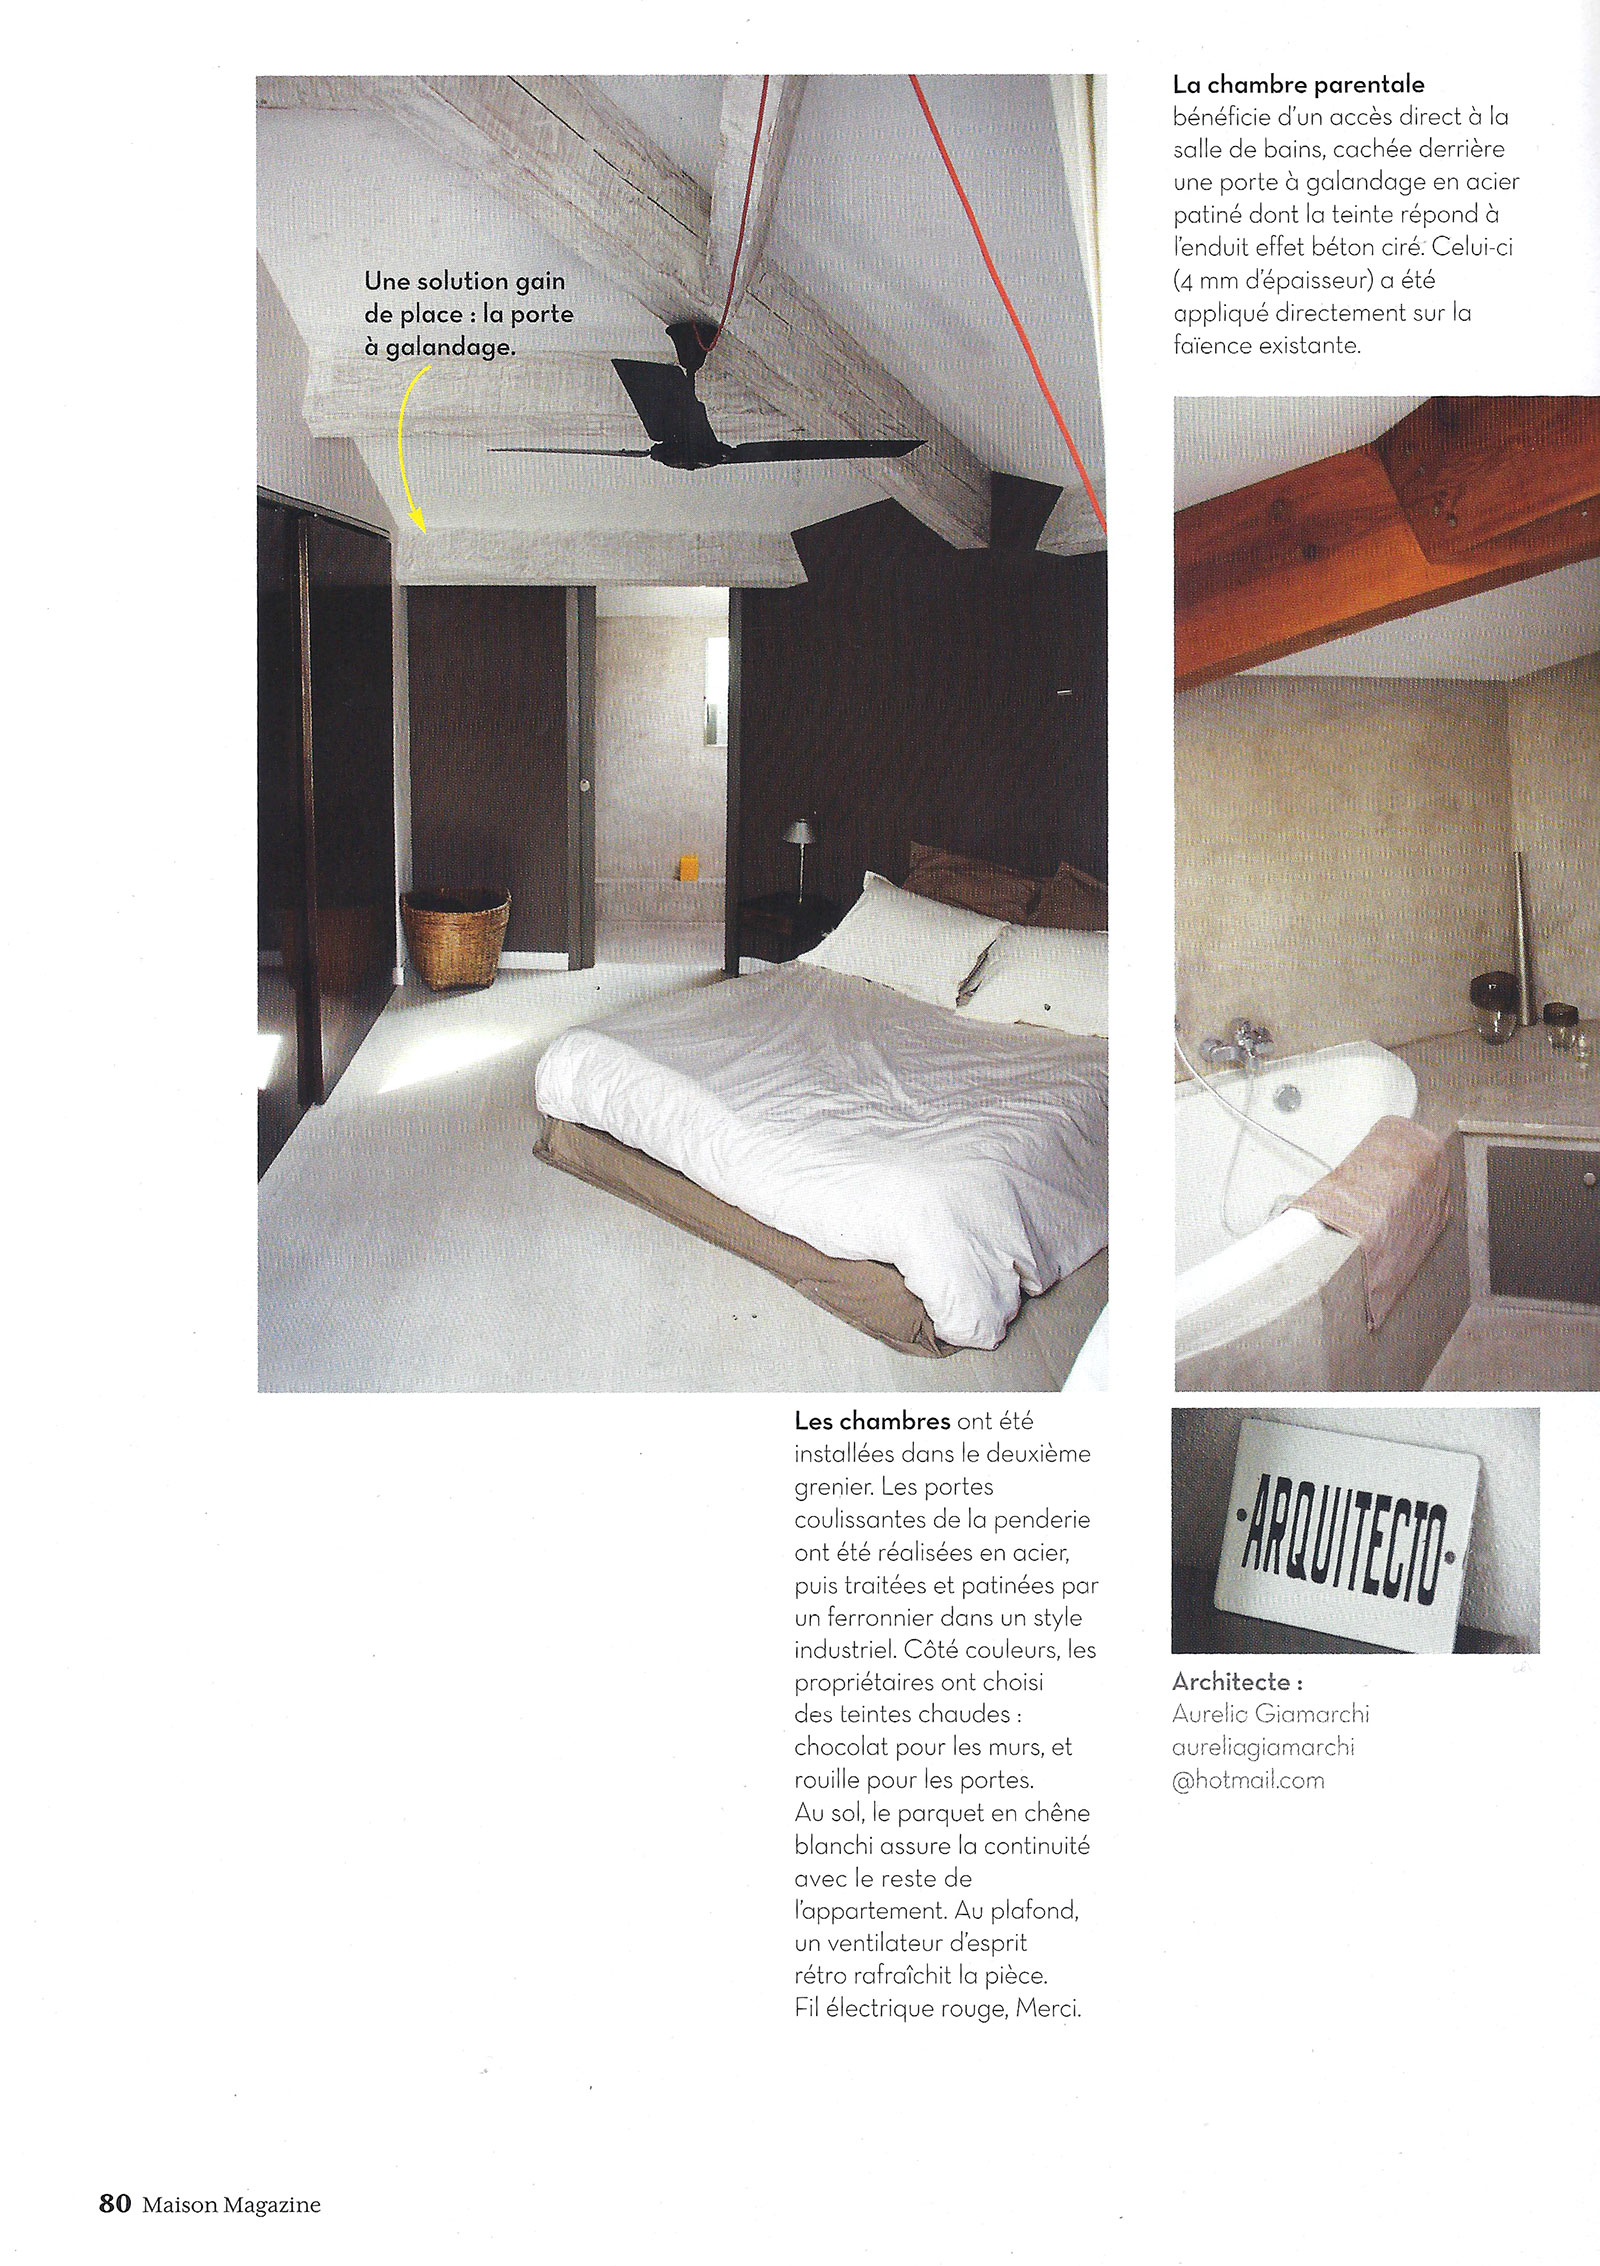 maison-magazine-3